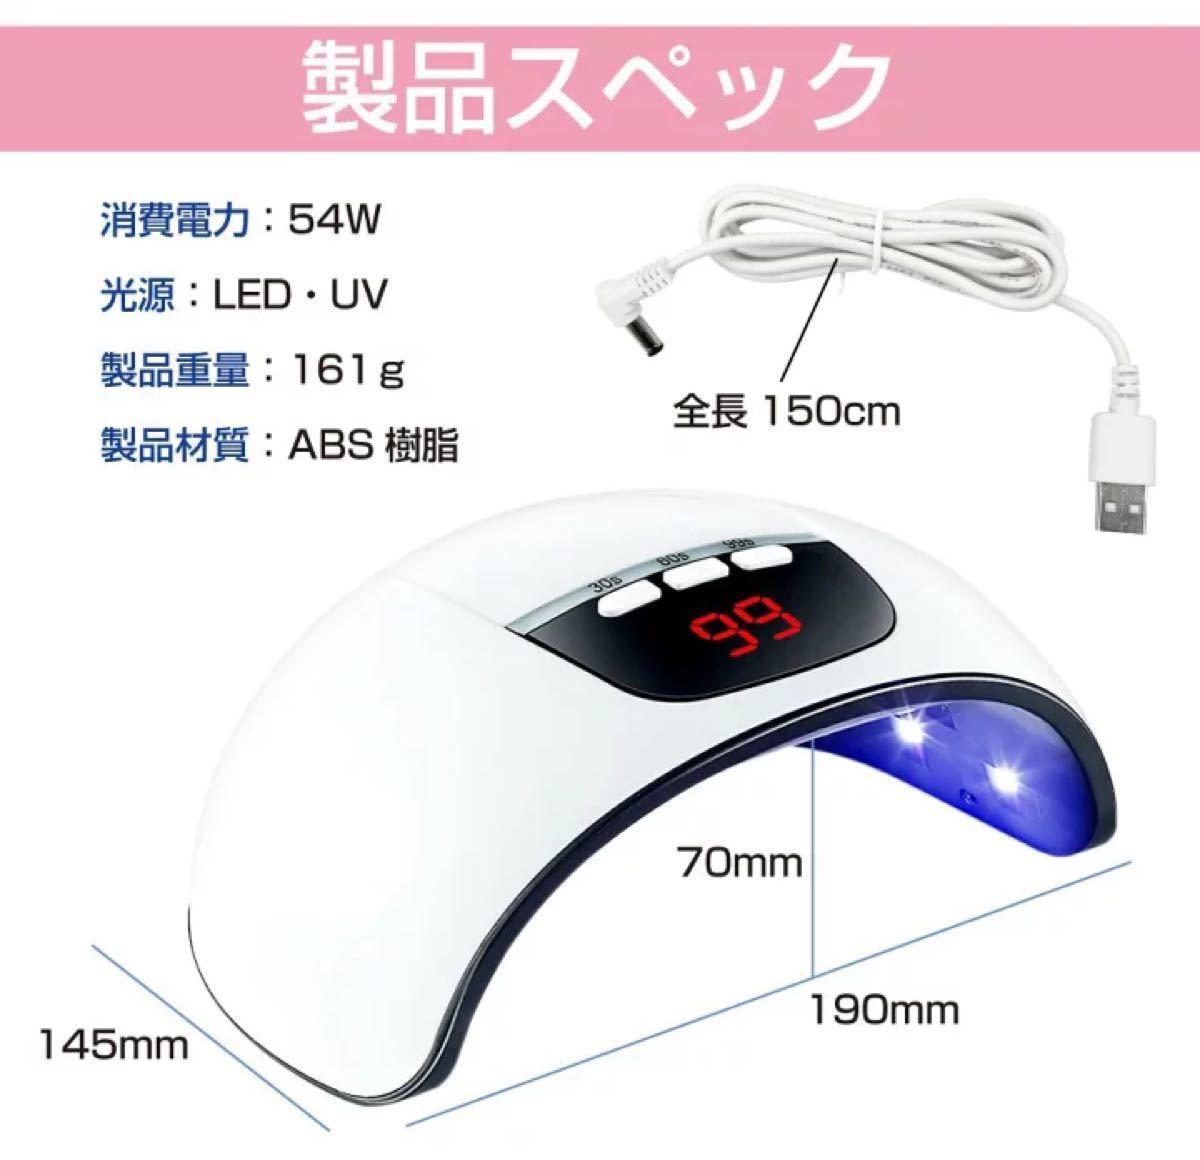 ジェルネイルライト 54w LED UV レジン対応 高速硬化 ネイルドライヤー ネイルライト